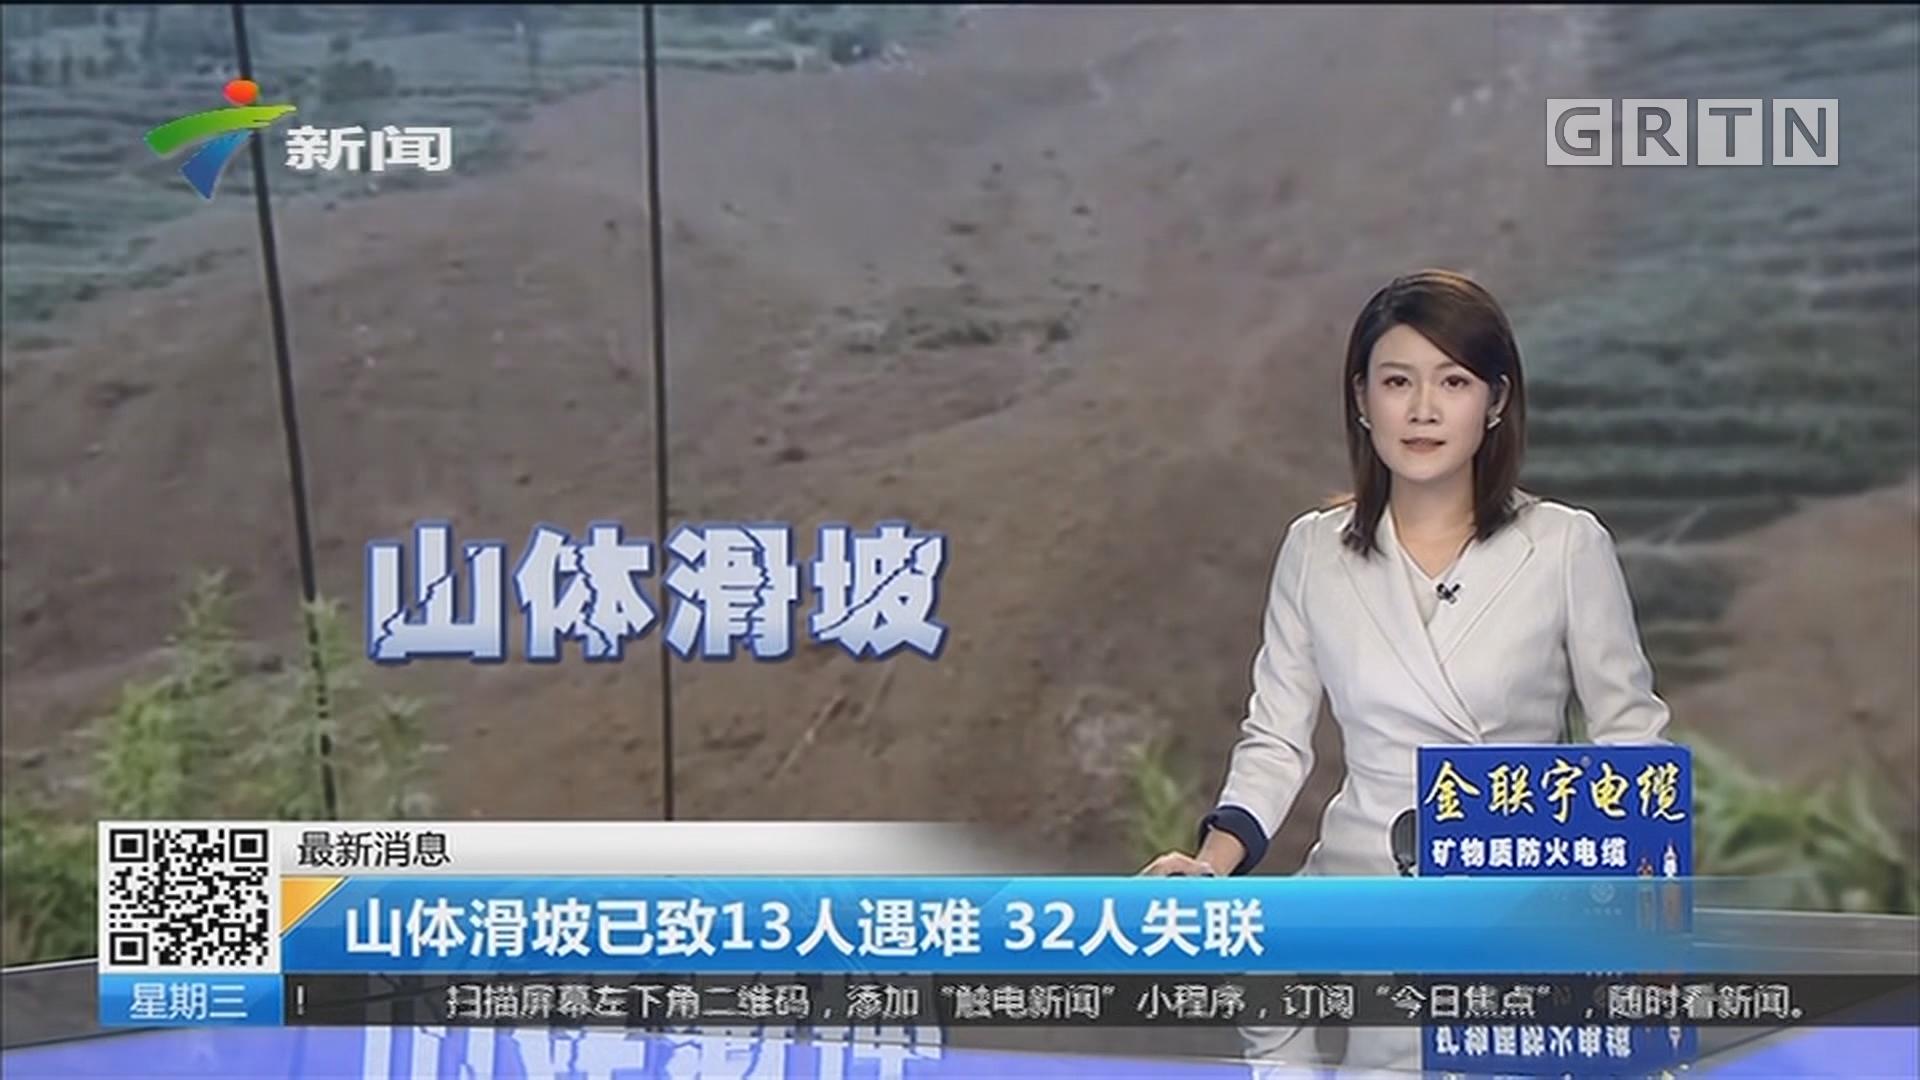 山体滑坡已致13人遇难 32人失联